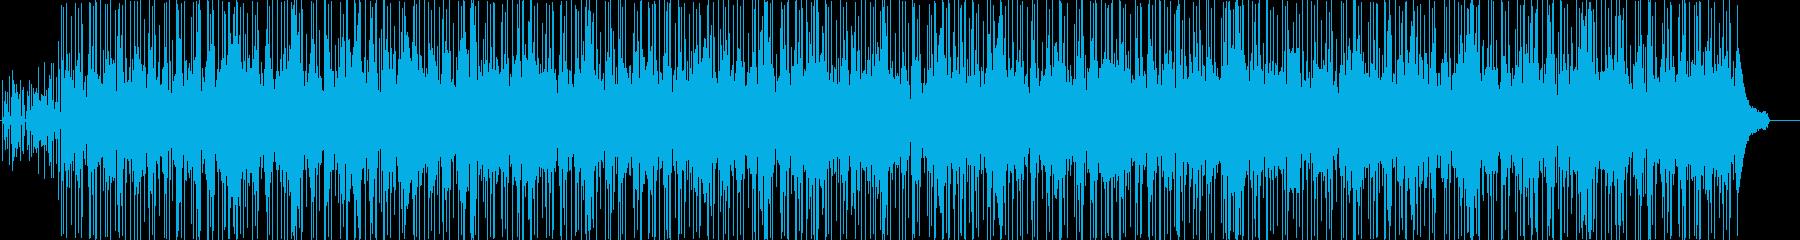 哀愁ラテンの再生済みの波形